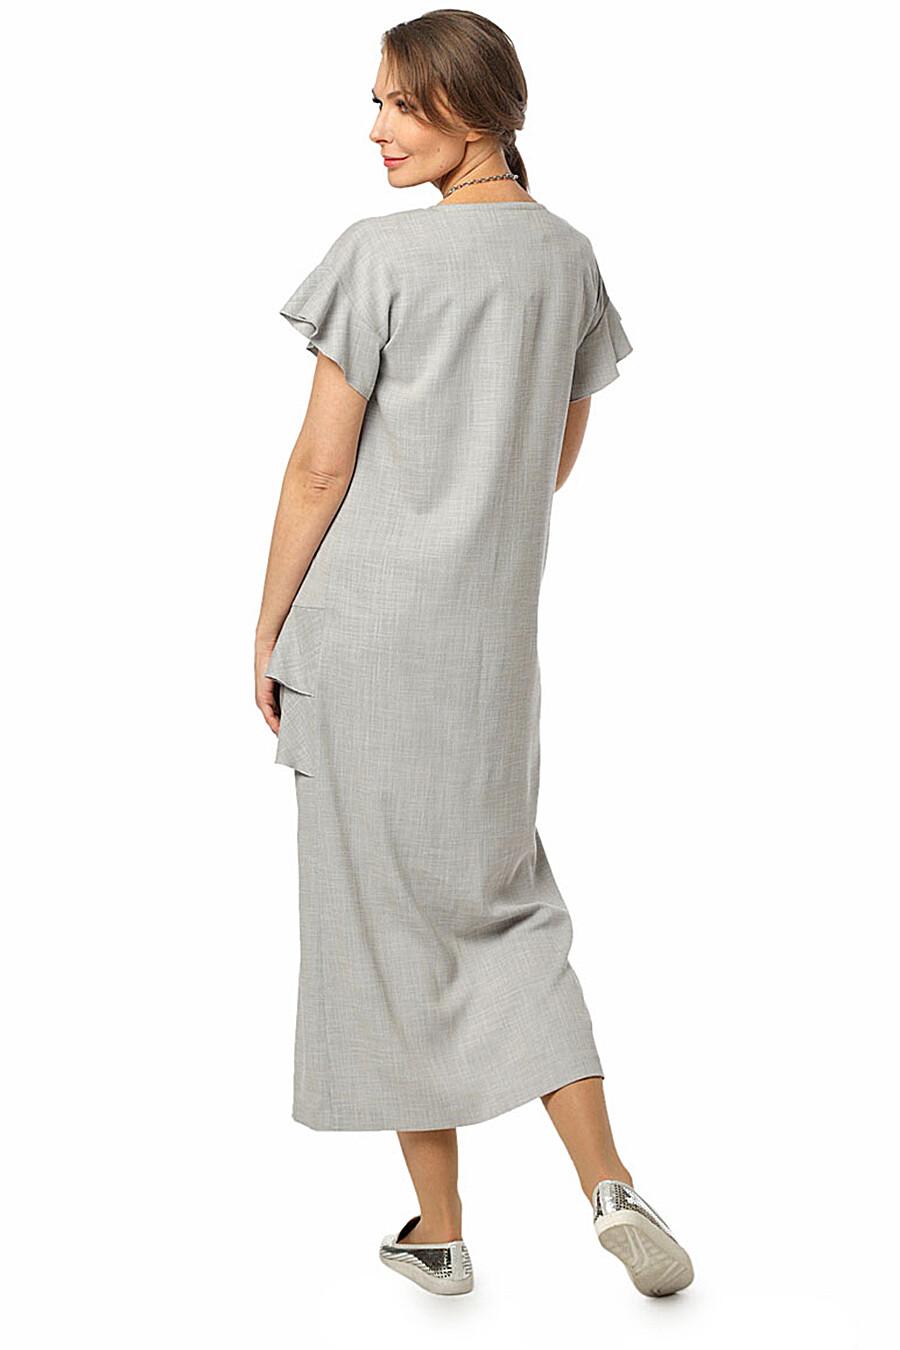 Платье DIZZYWAY (115043), купить в Moyo.moda